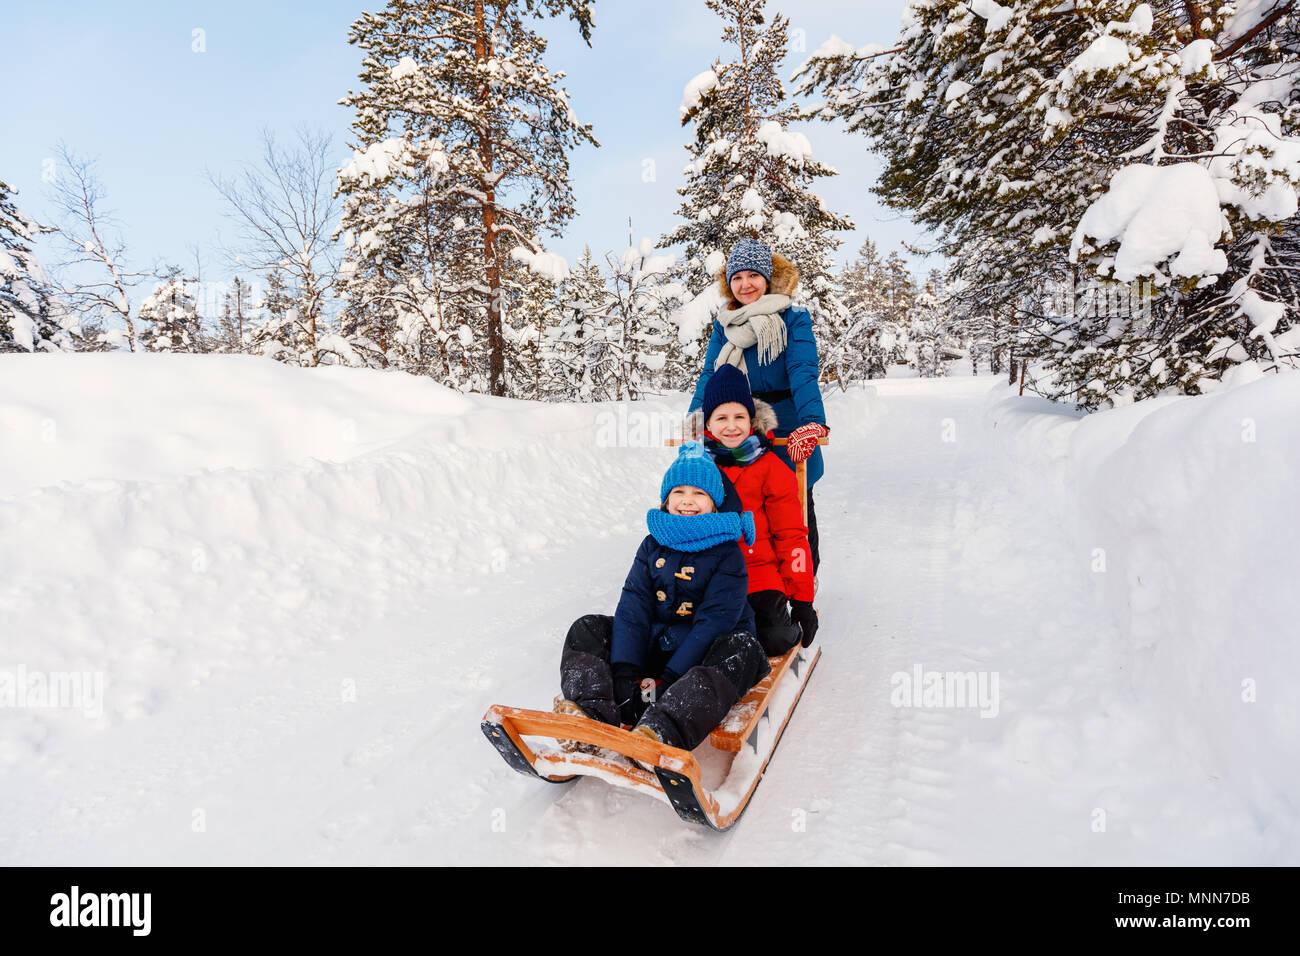 Belle Famille de la mère et les enfants bénéficiant d'hiver neige journée en plein air, s'amusant de la luge Photo Stock